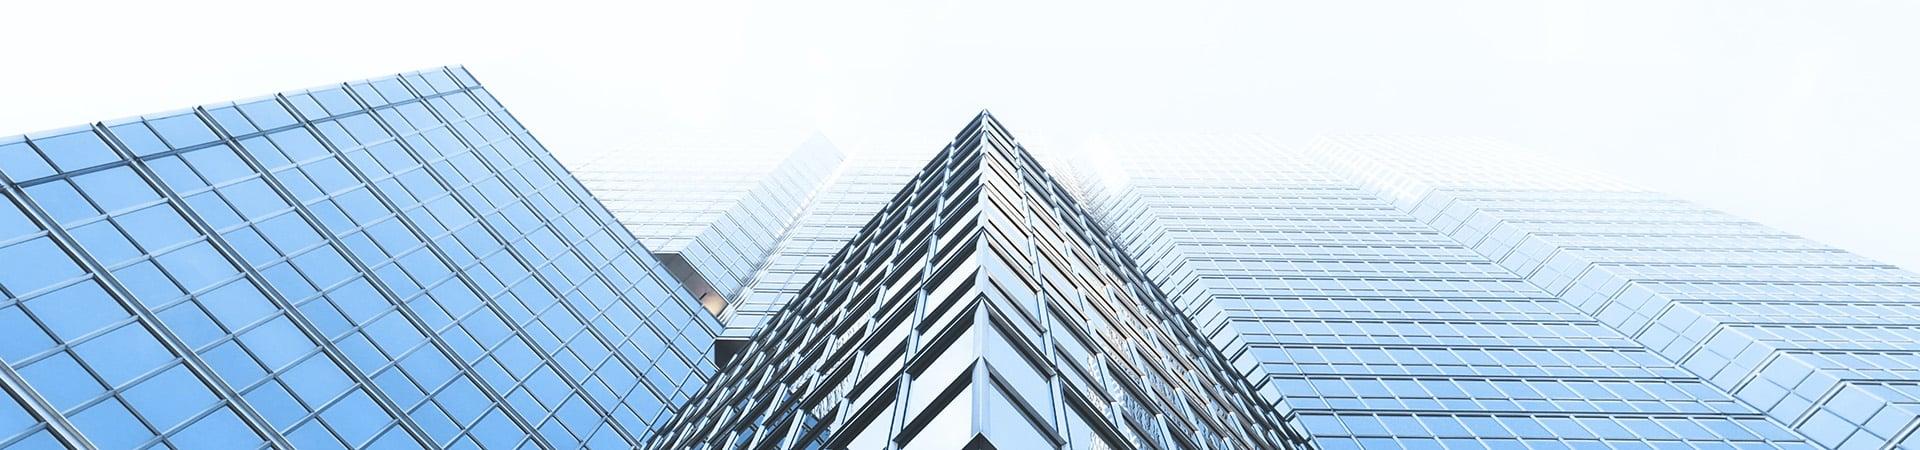 skyscrapers_2-1